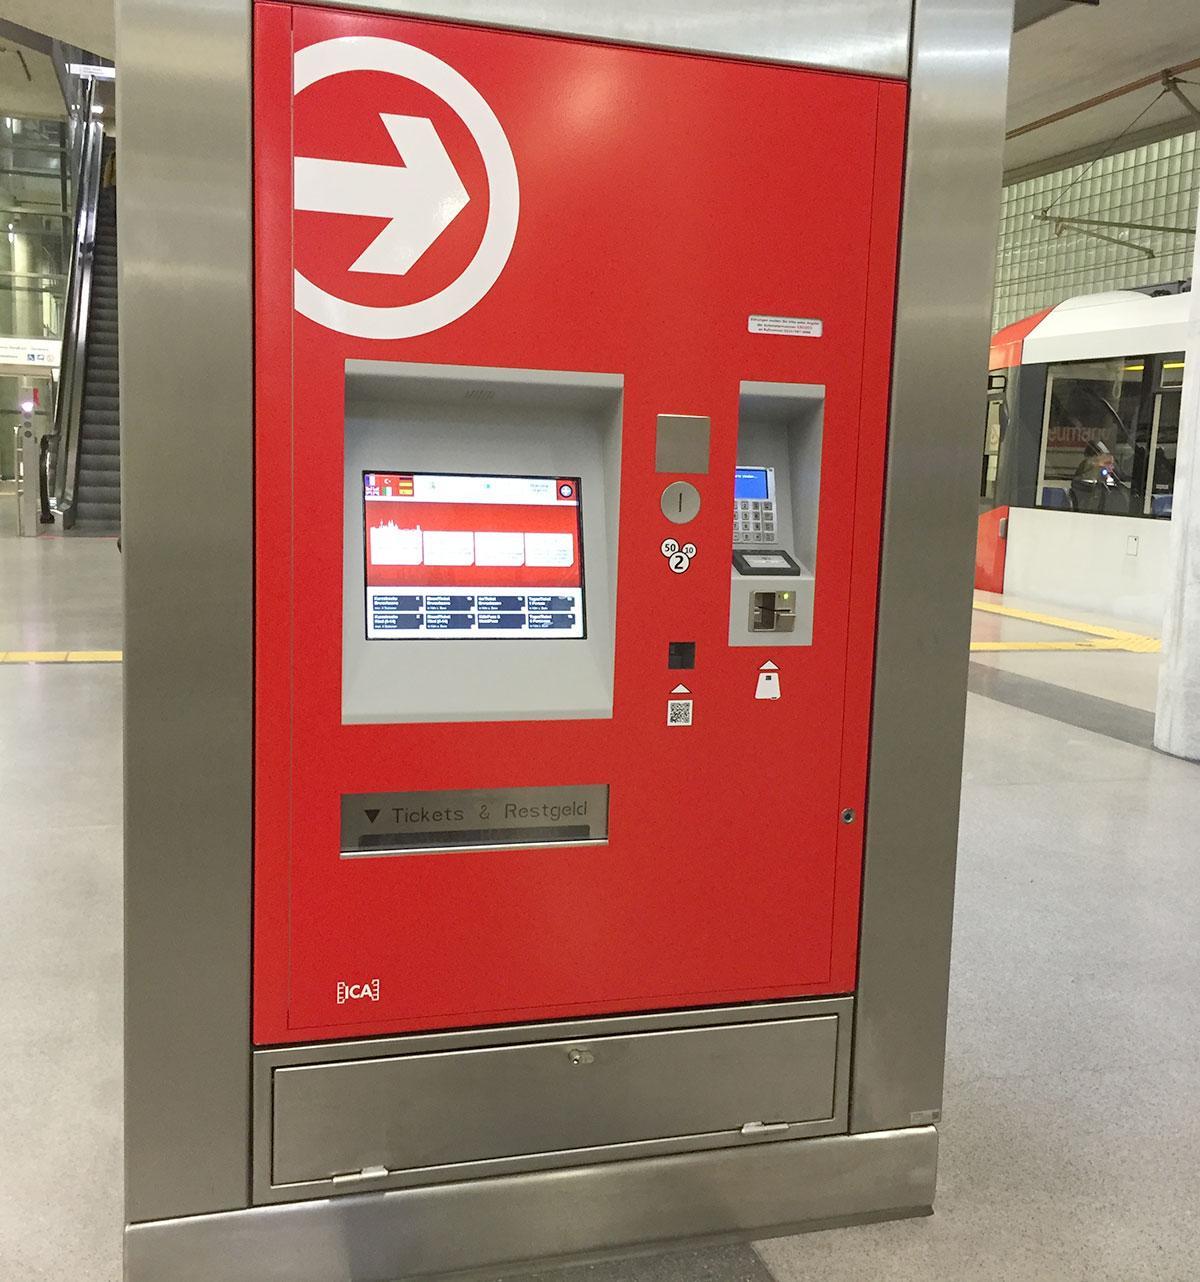 Neueste Generation der KVB-Ticket-Automaten